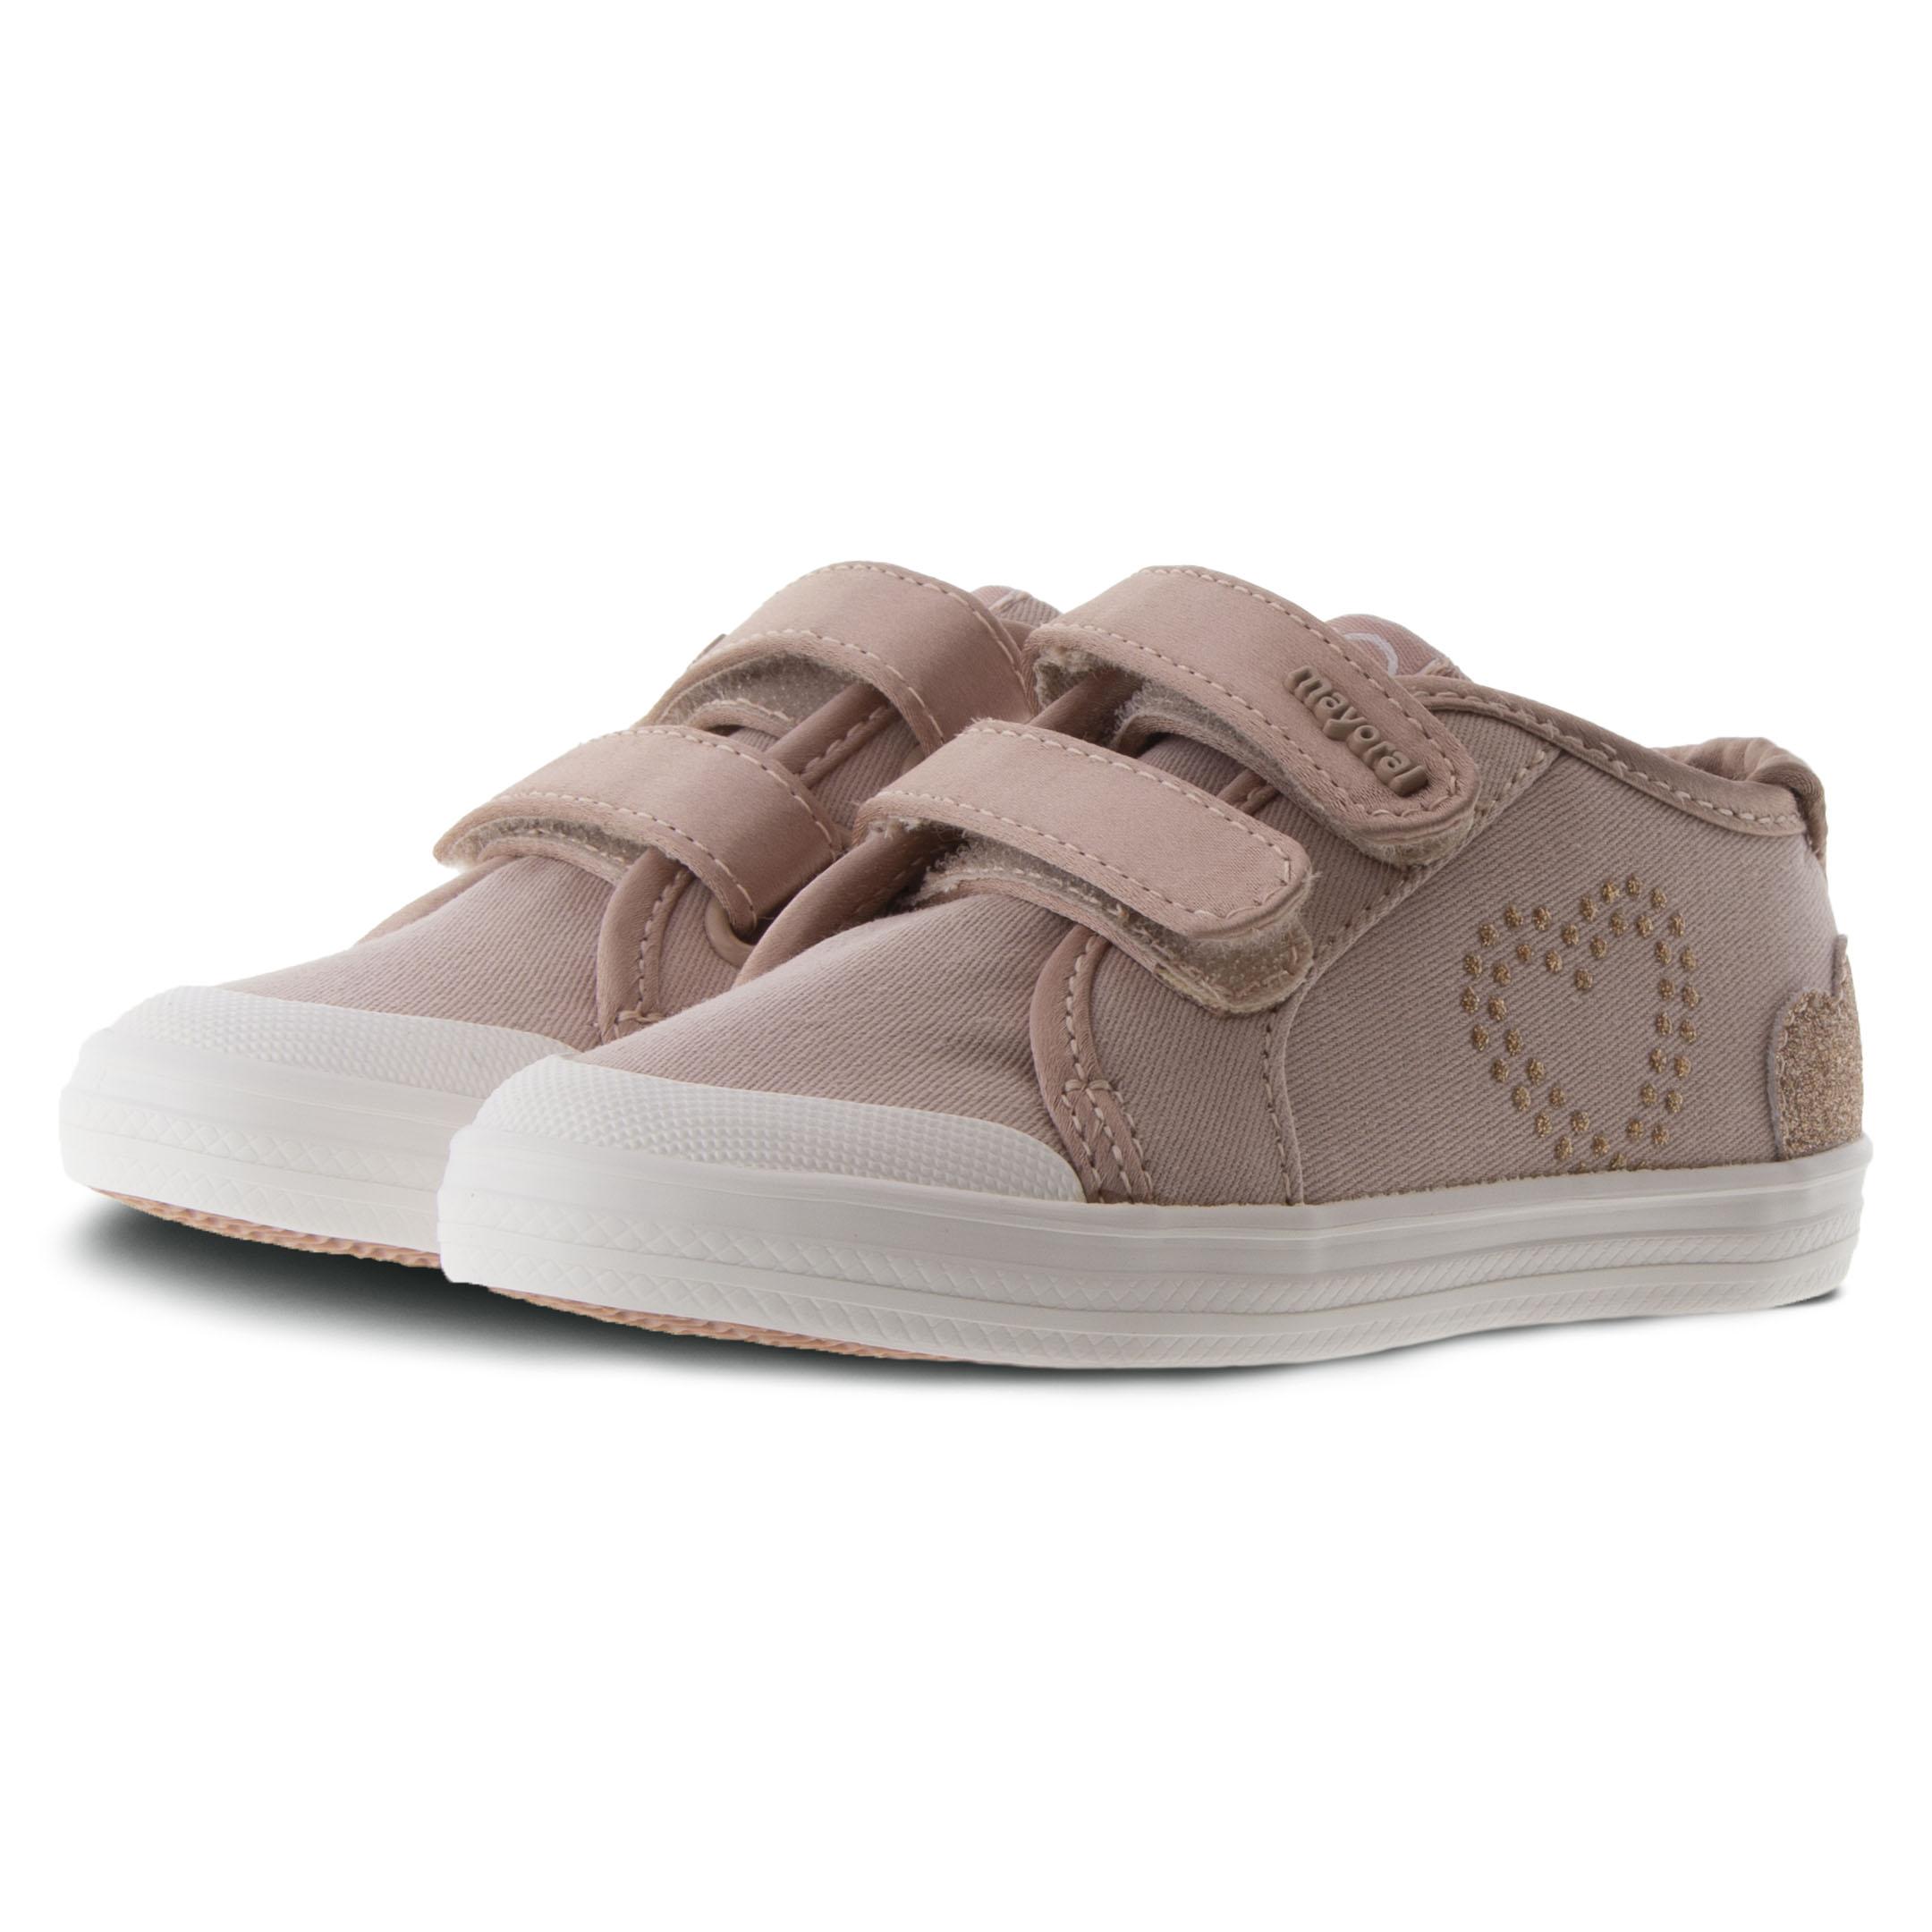 Κορίτσι πάνινο Casual Sneaker αυτοκόλλητα nude Mayoral  20-41140-060